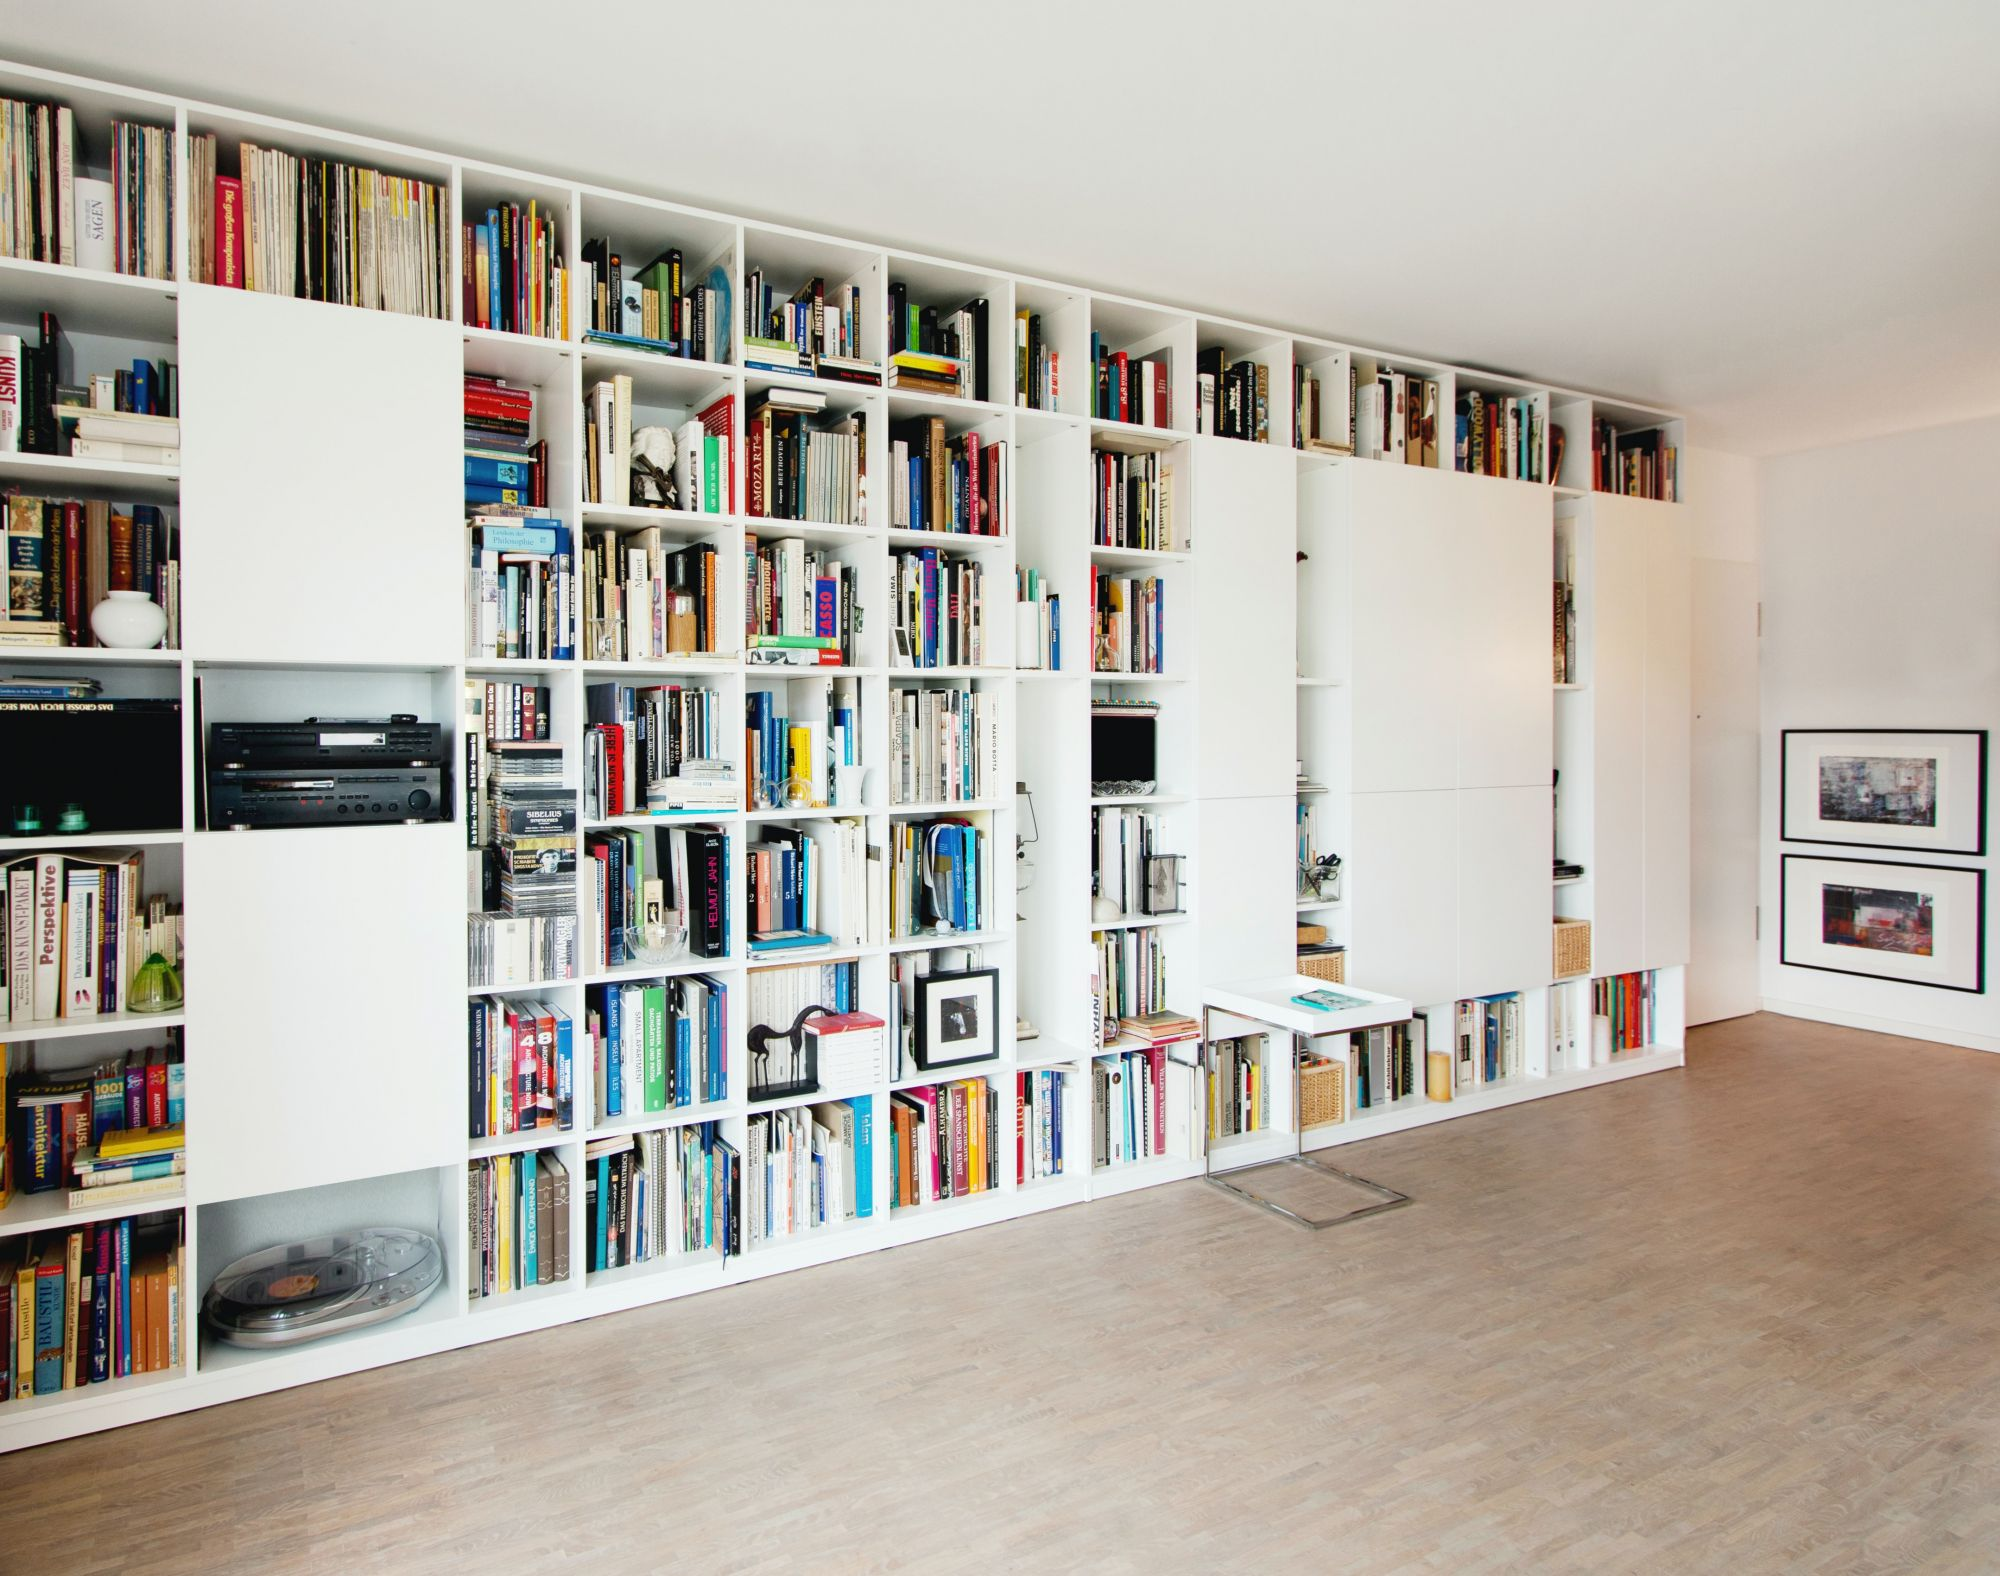 Libreria a tutt'altezza: semplici scaffali metallici